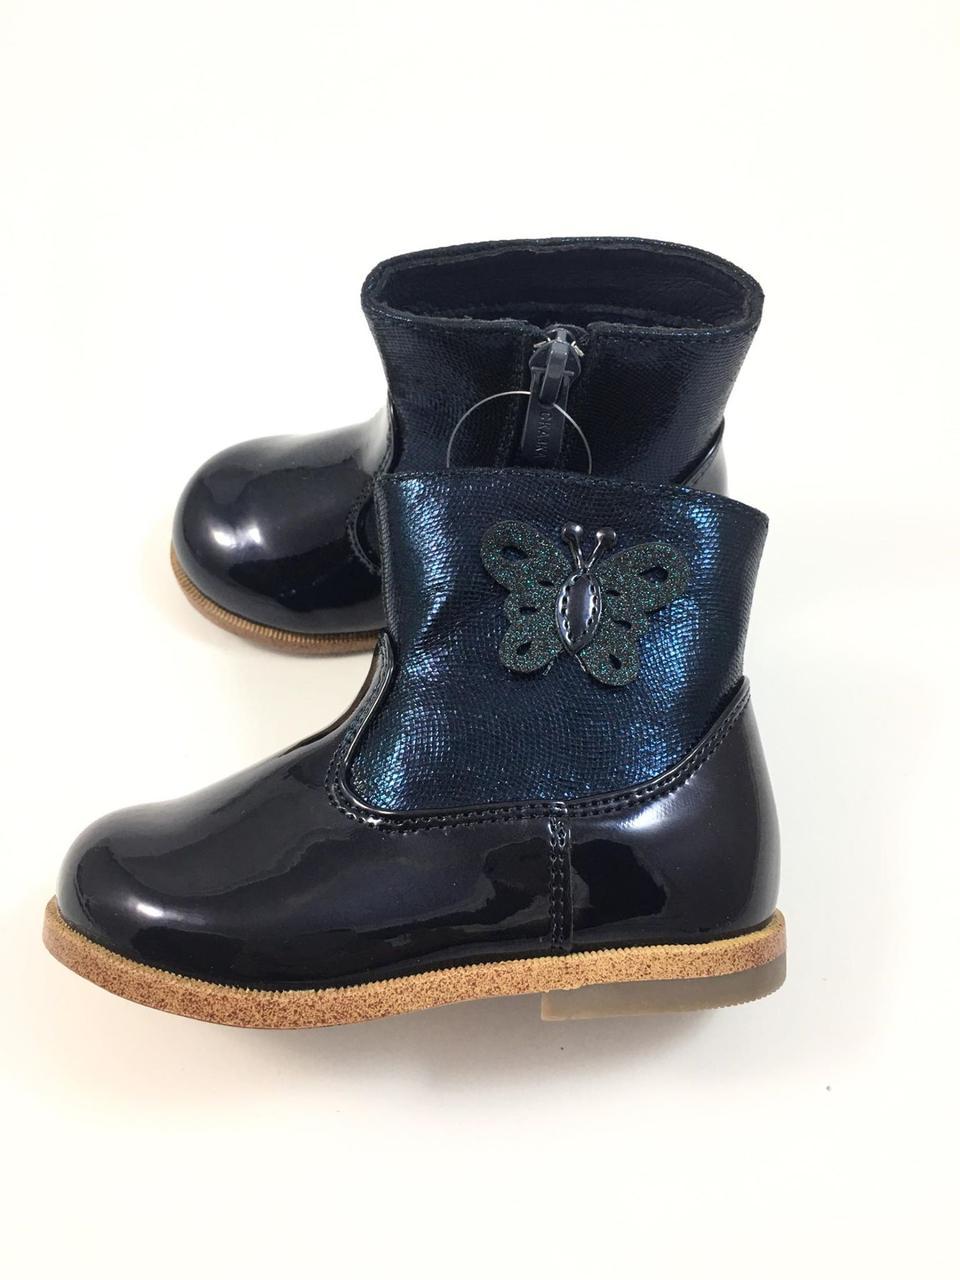 Утепленные деми ботинки для девочки Skazka Сабрина (р.18,19,21,22)